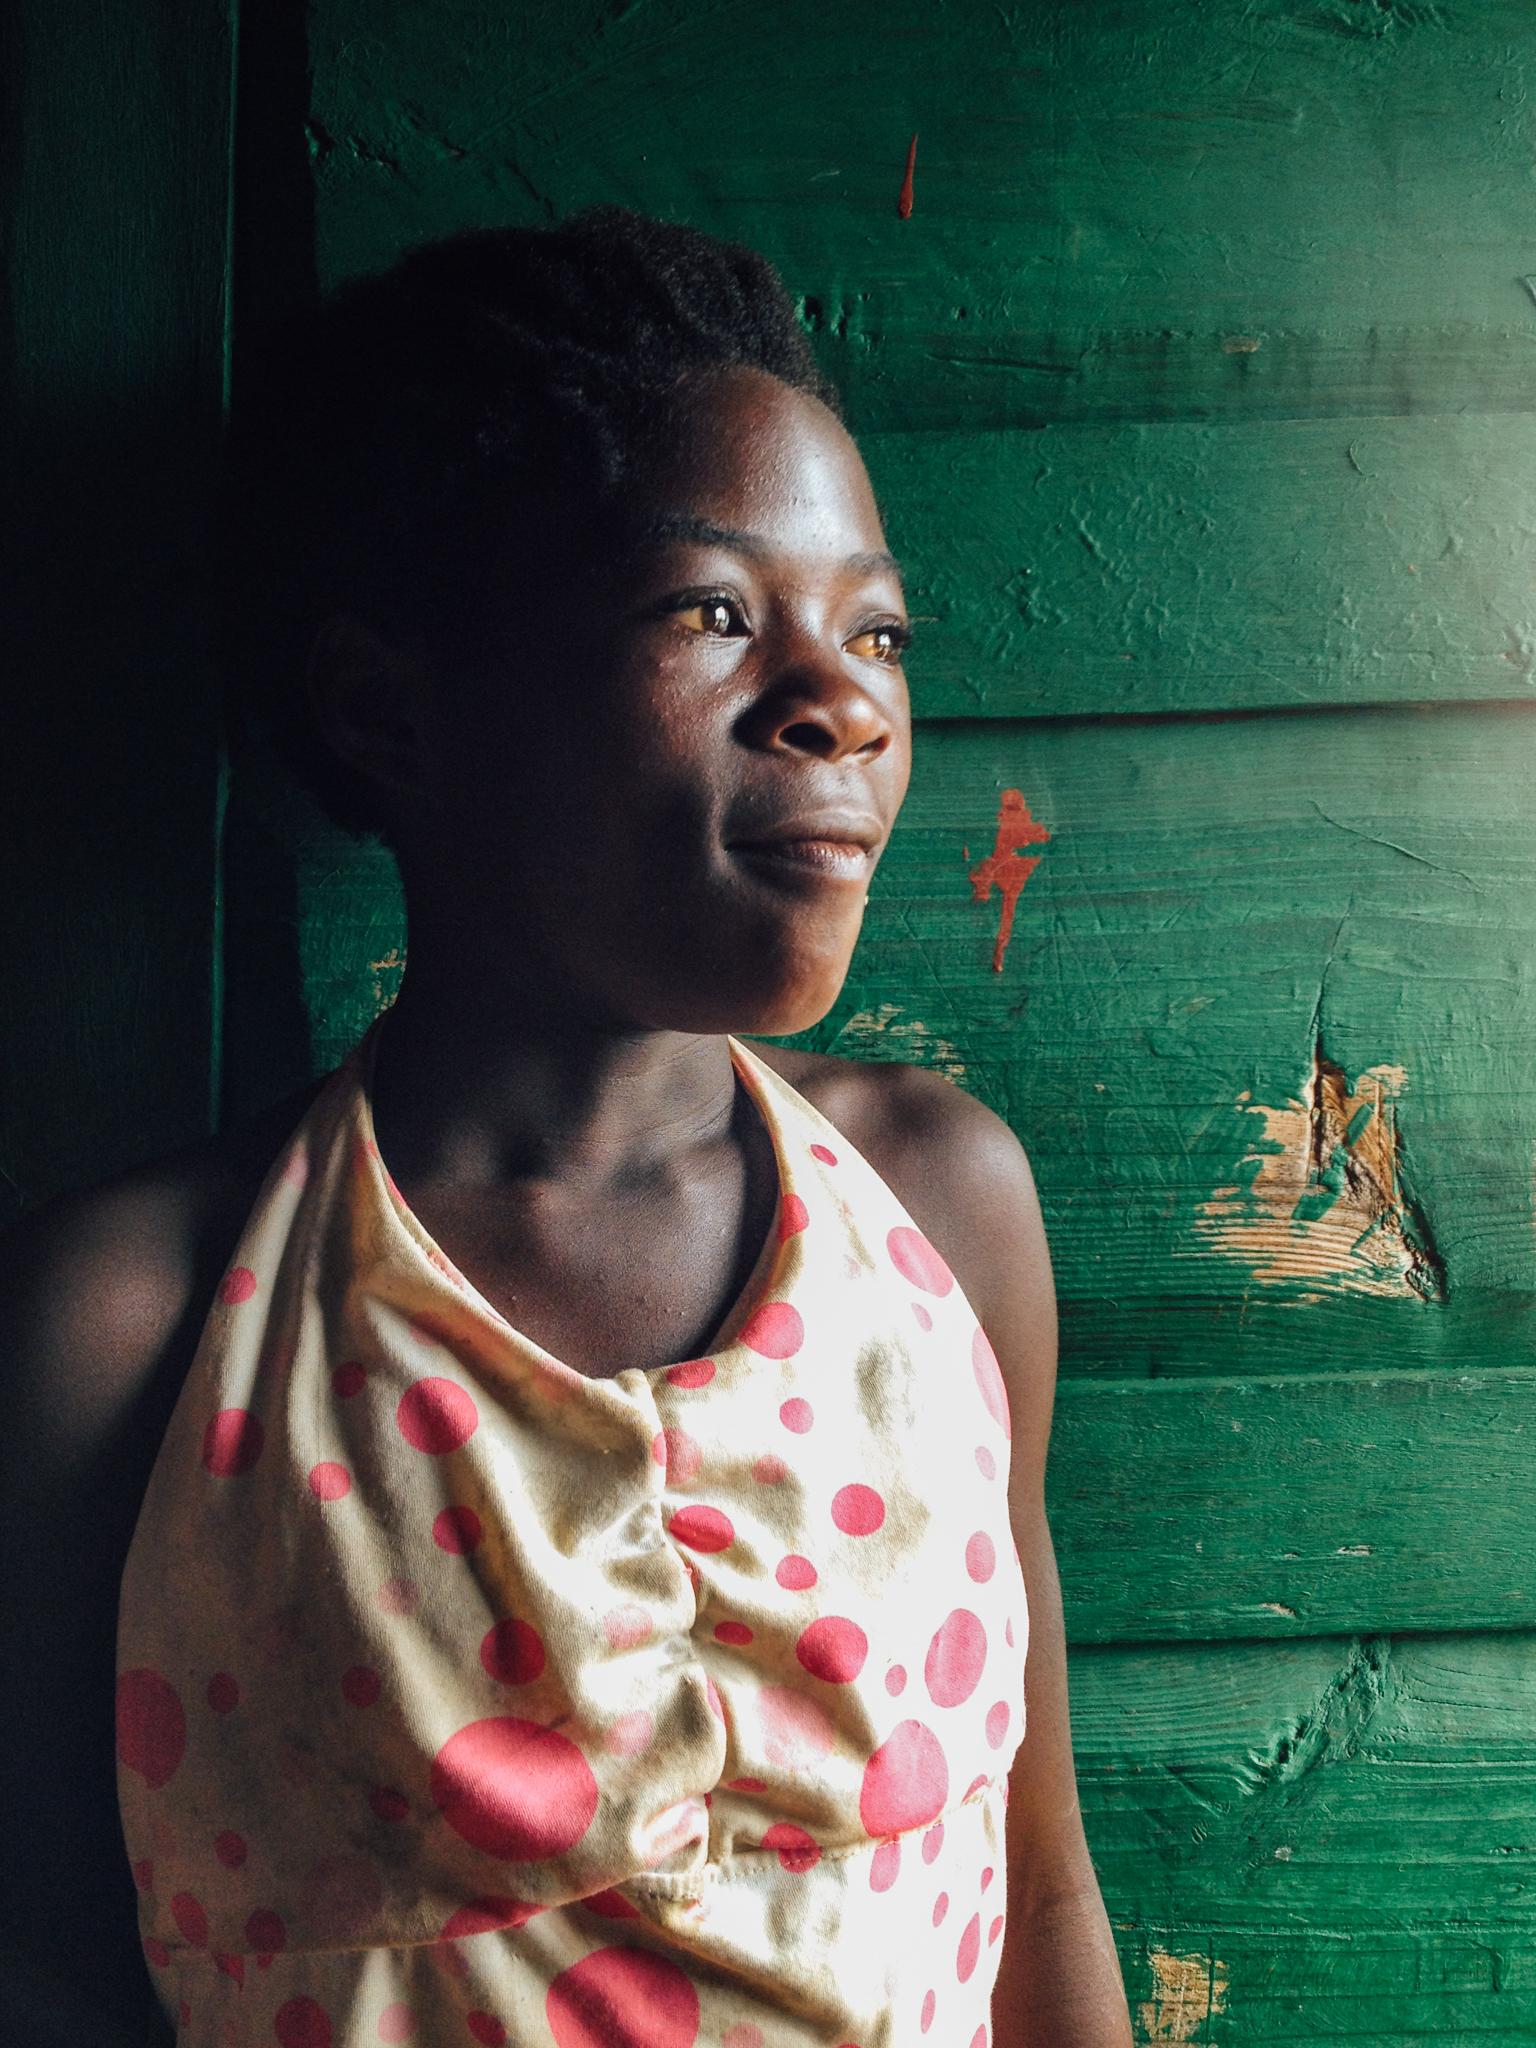 [2014] iPhone 4S - Bié province, Angola